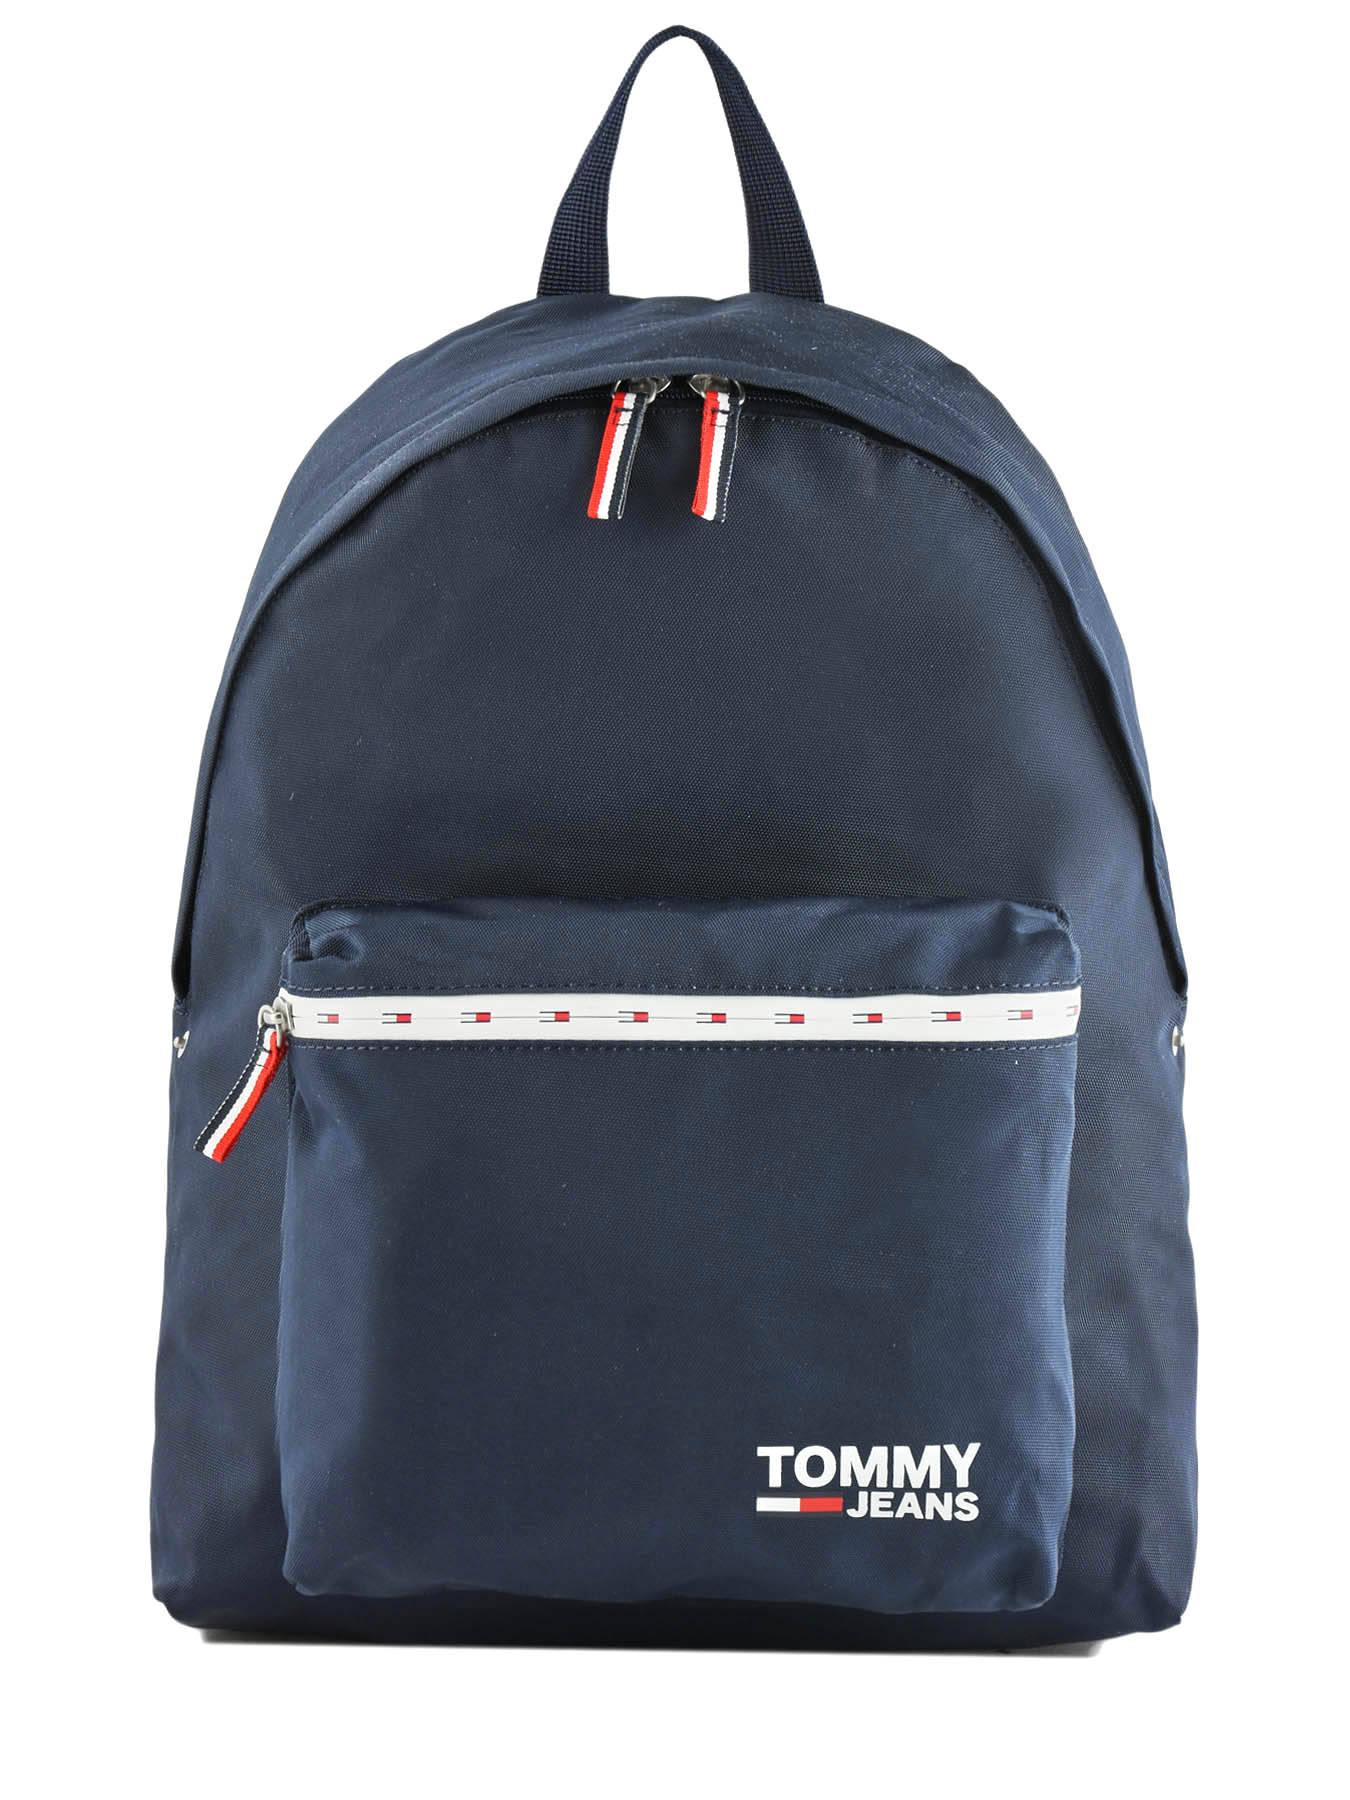 TOMMY HILFIGER Sac À Dos Cool Tommy Tommy Hilfiger Bleu